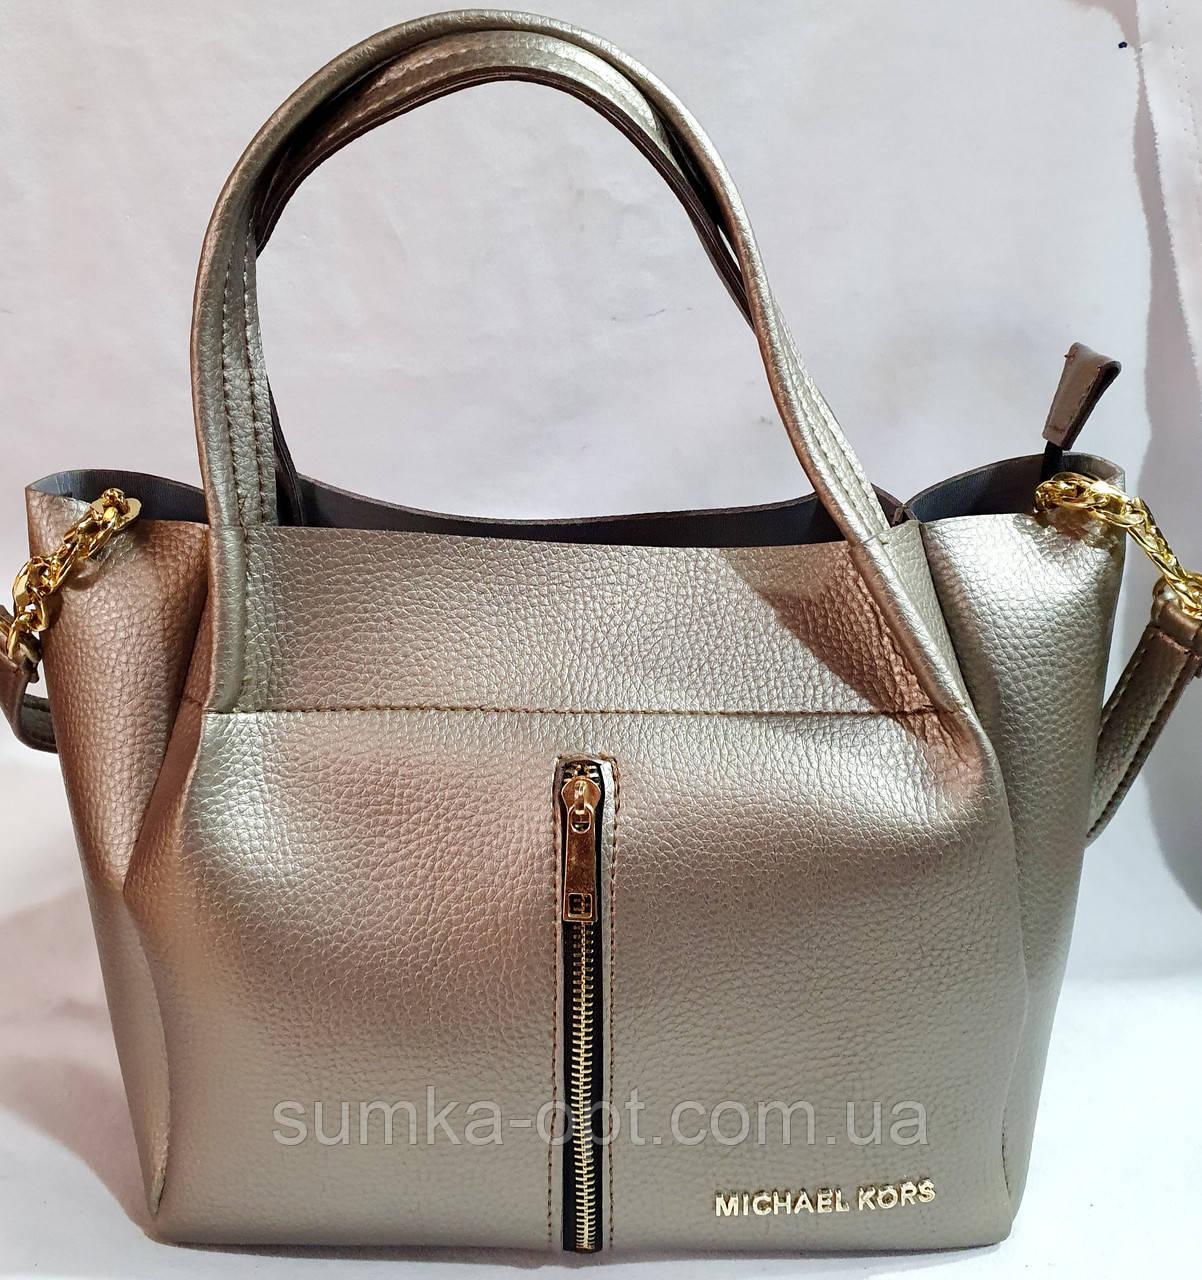 Брендовая женская сумка Michael Kors бронзовая из искусственной кожи 29*25 см